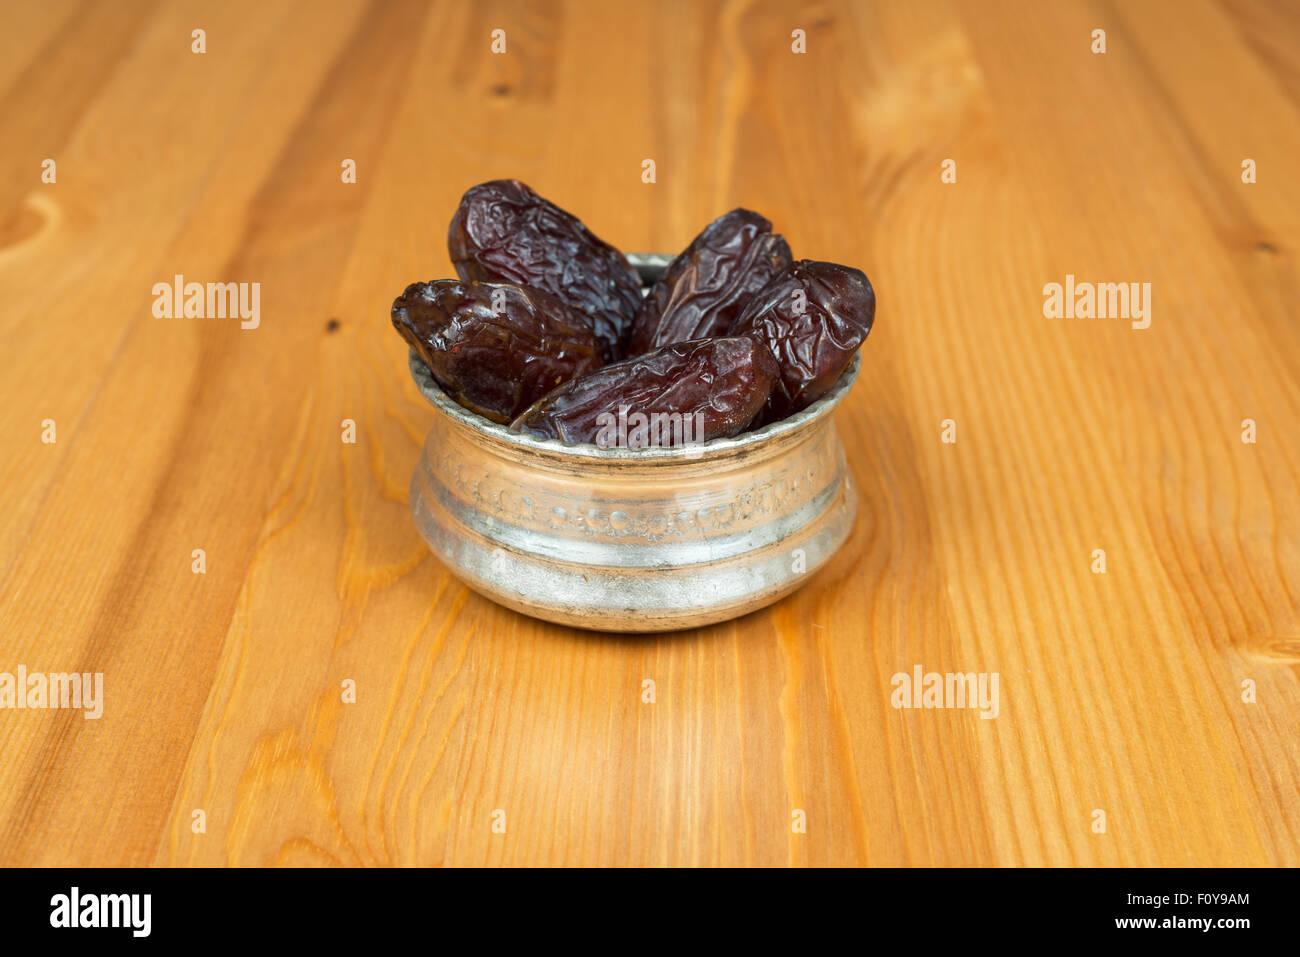 Schüssel mit getrocknete Datteln auf einem hölzernen Hintergrund Stockbild